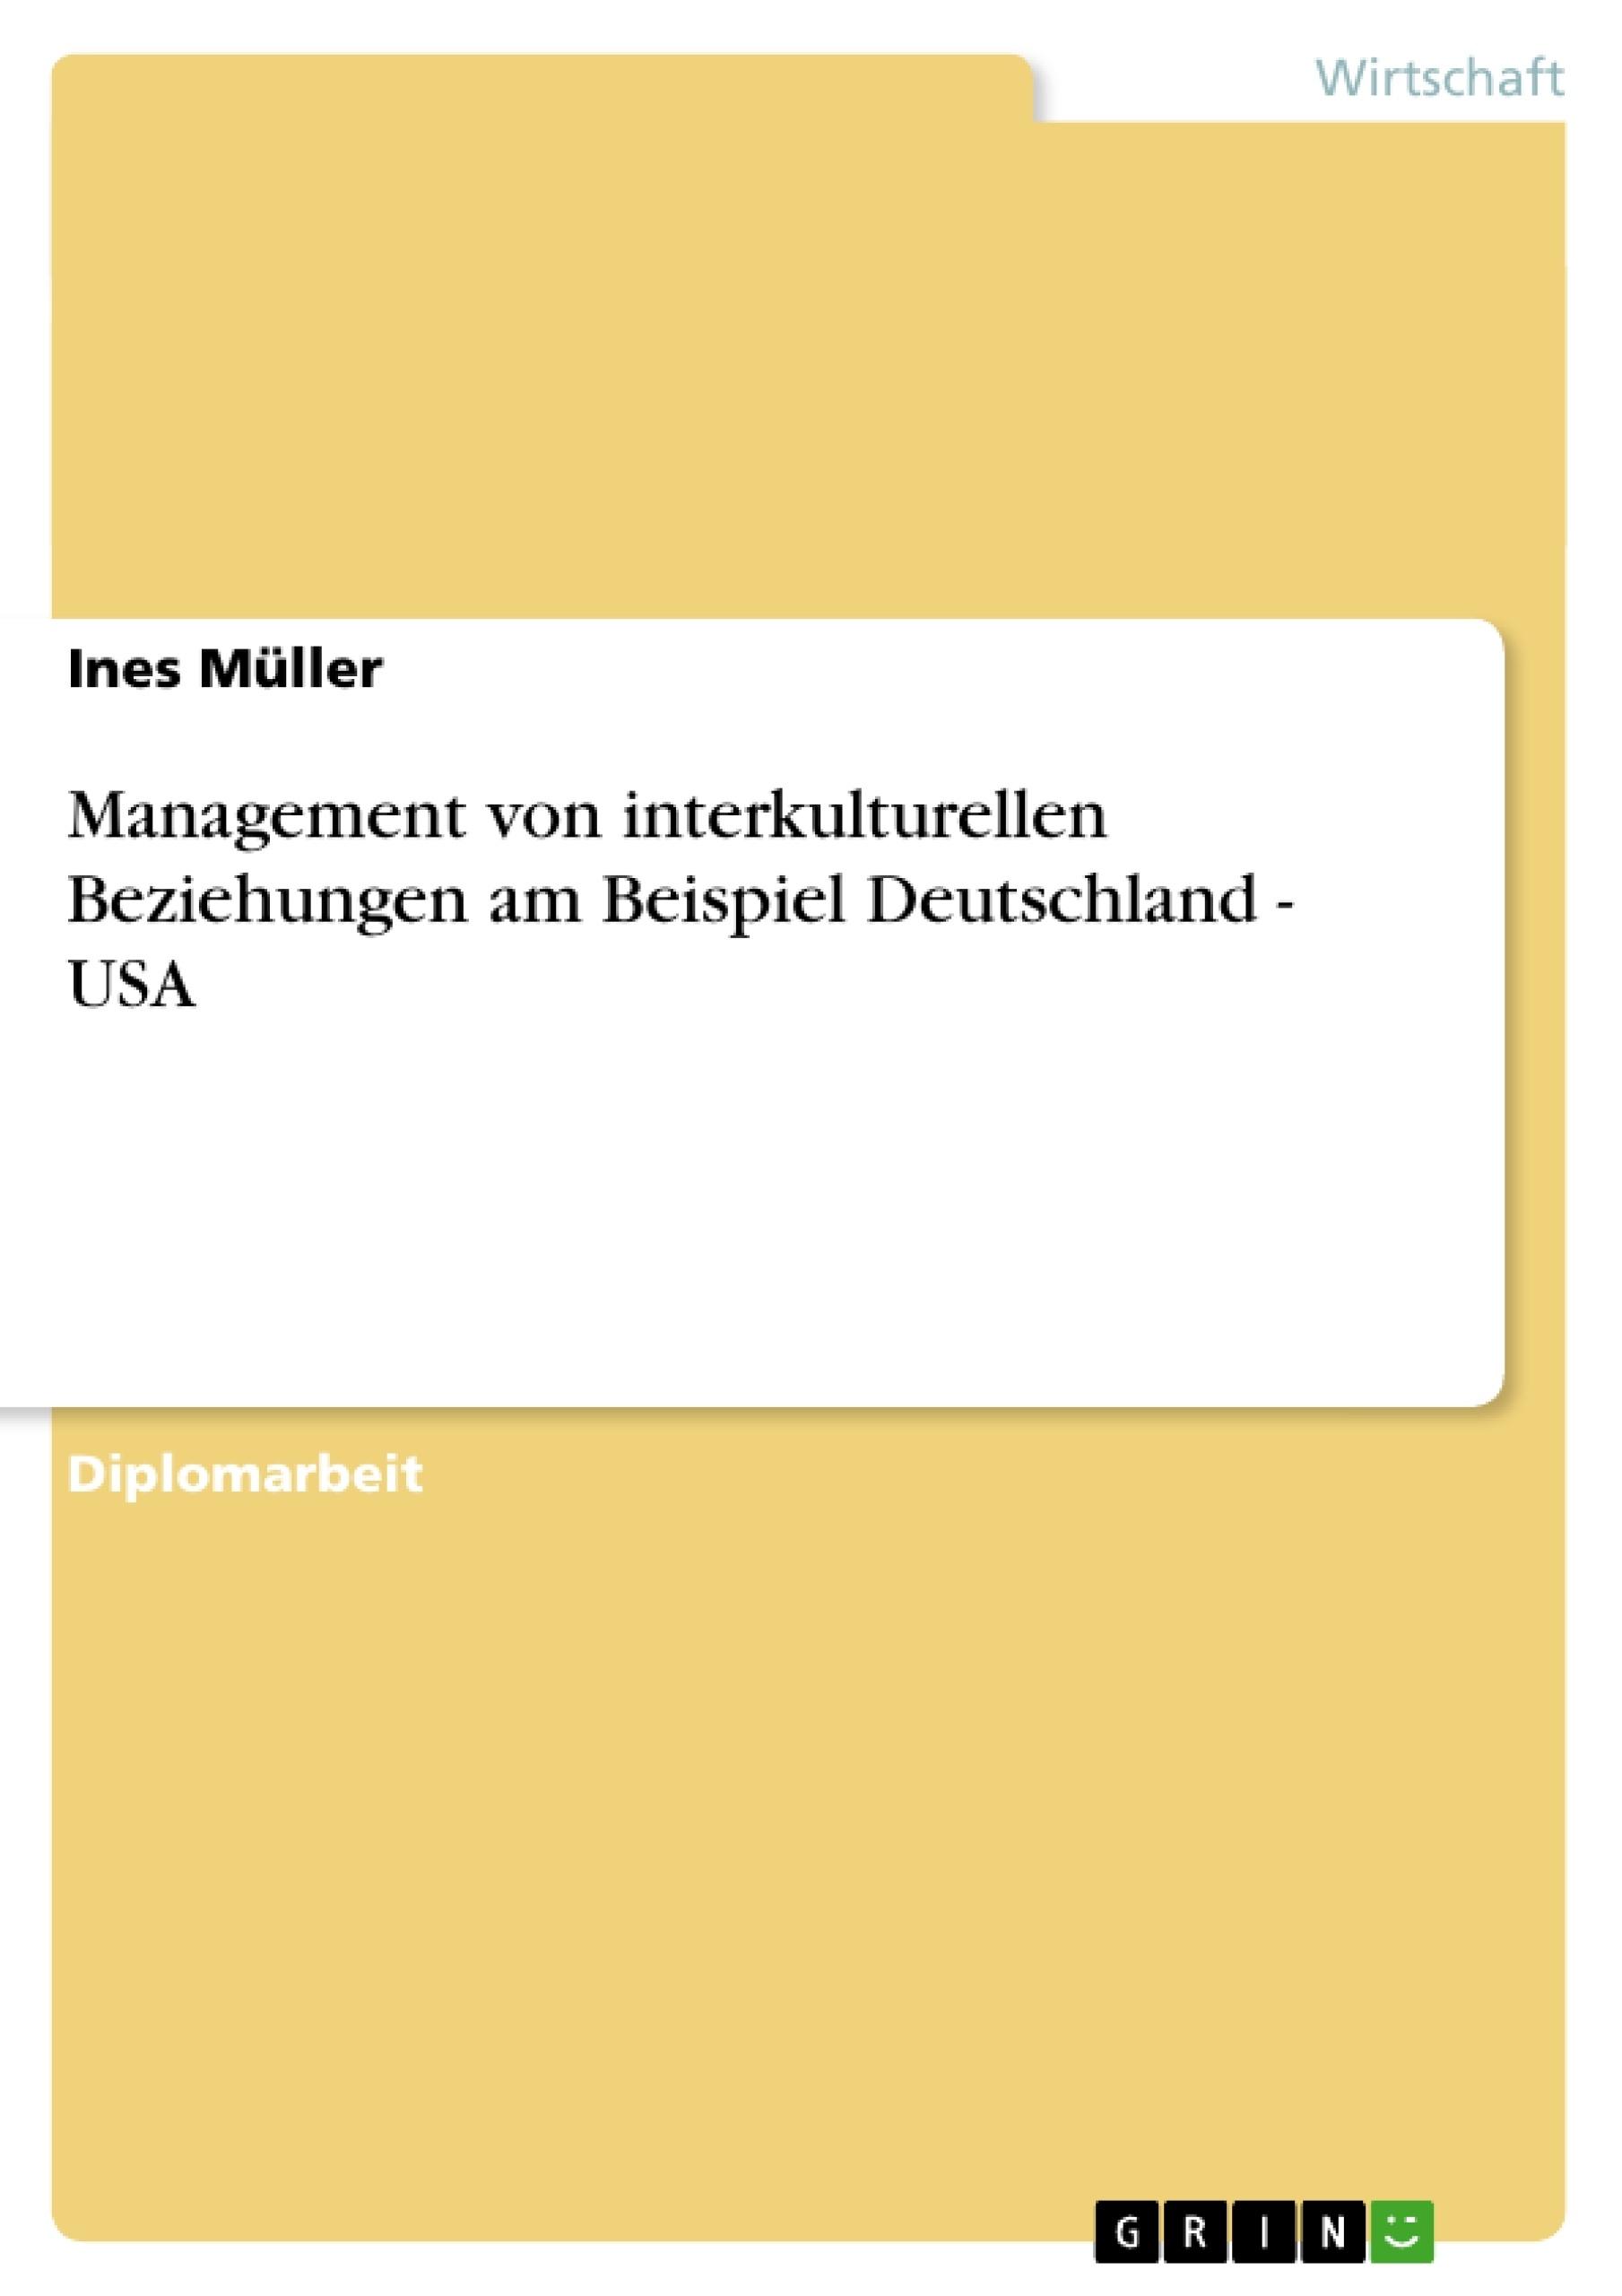 Titel: Management von interkulturellen Beziehungen am Beispiel Deutschland - USA